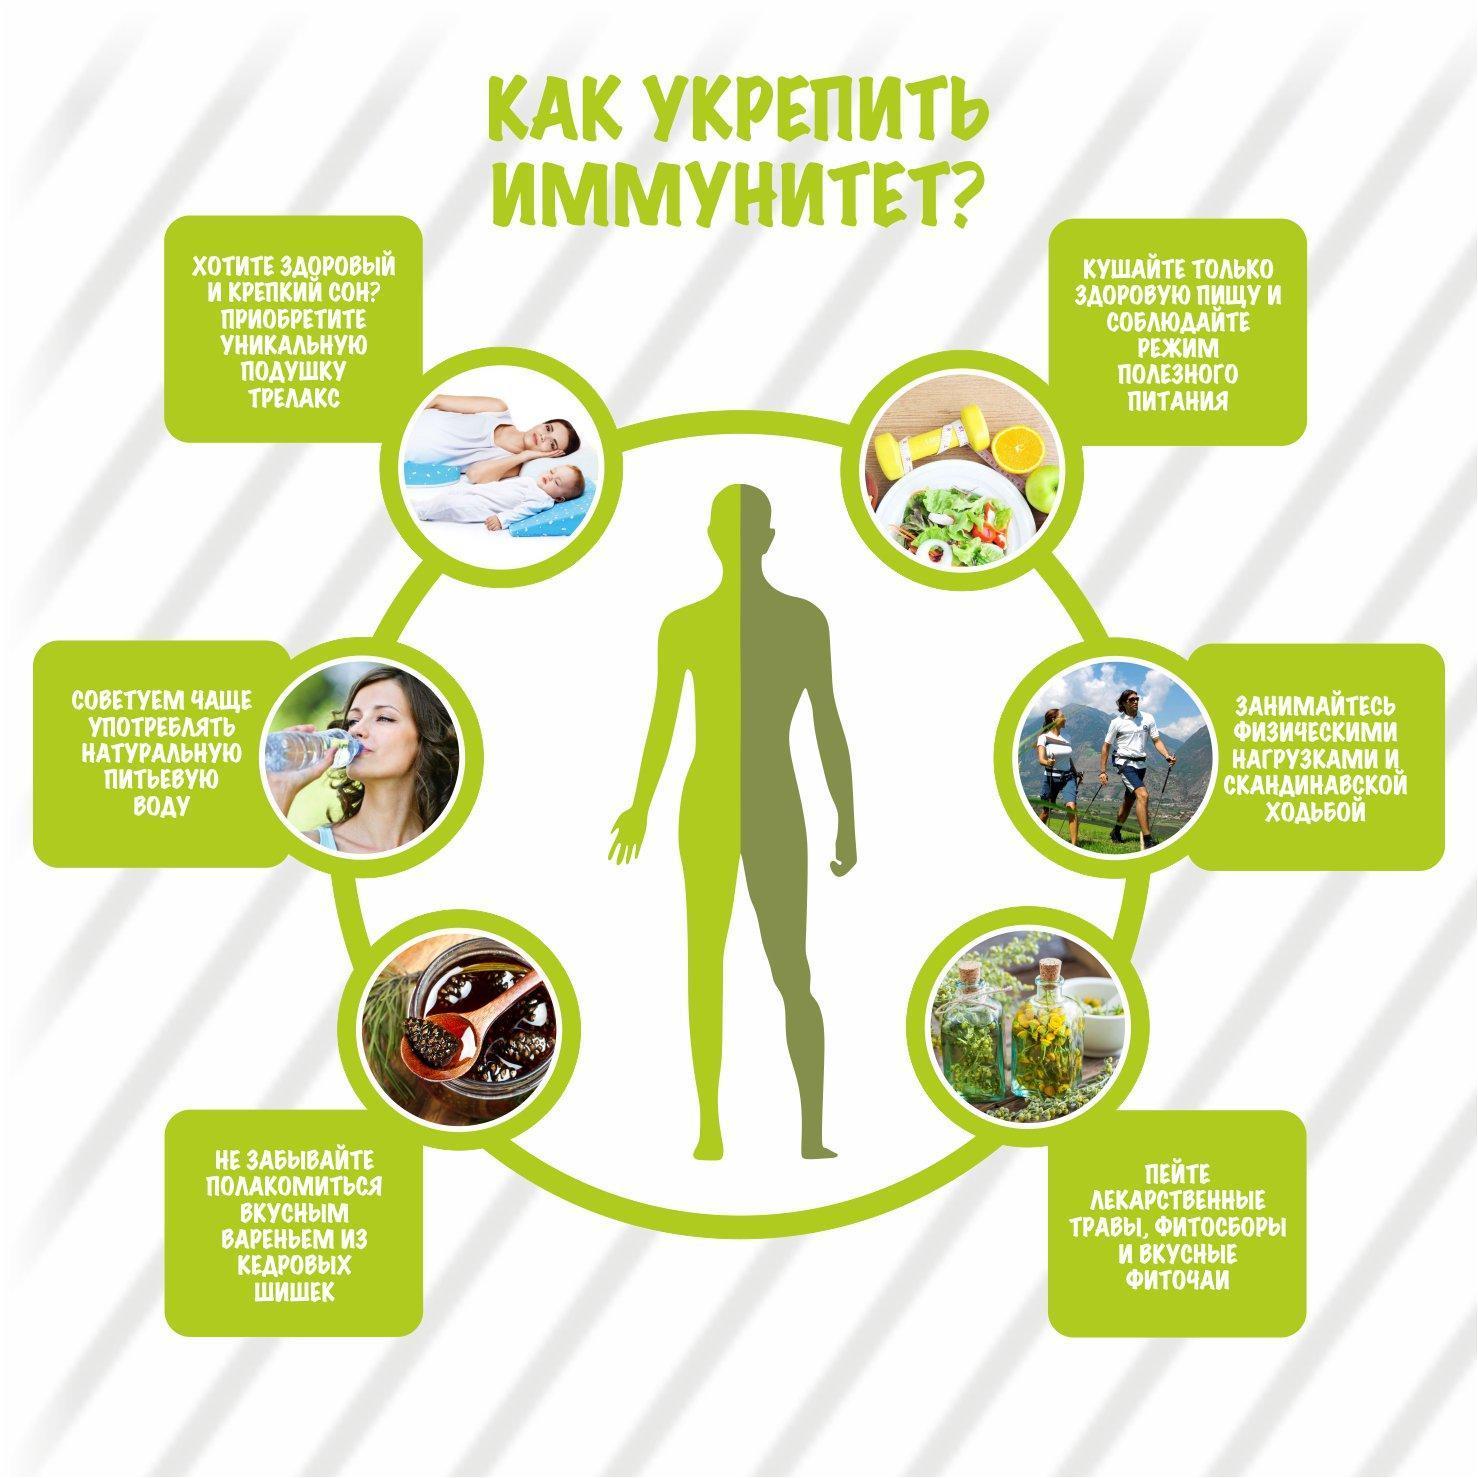 Как укрепить иммунитет в домашних условиях – 11 способов